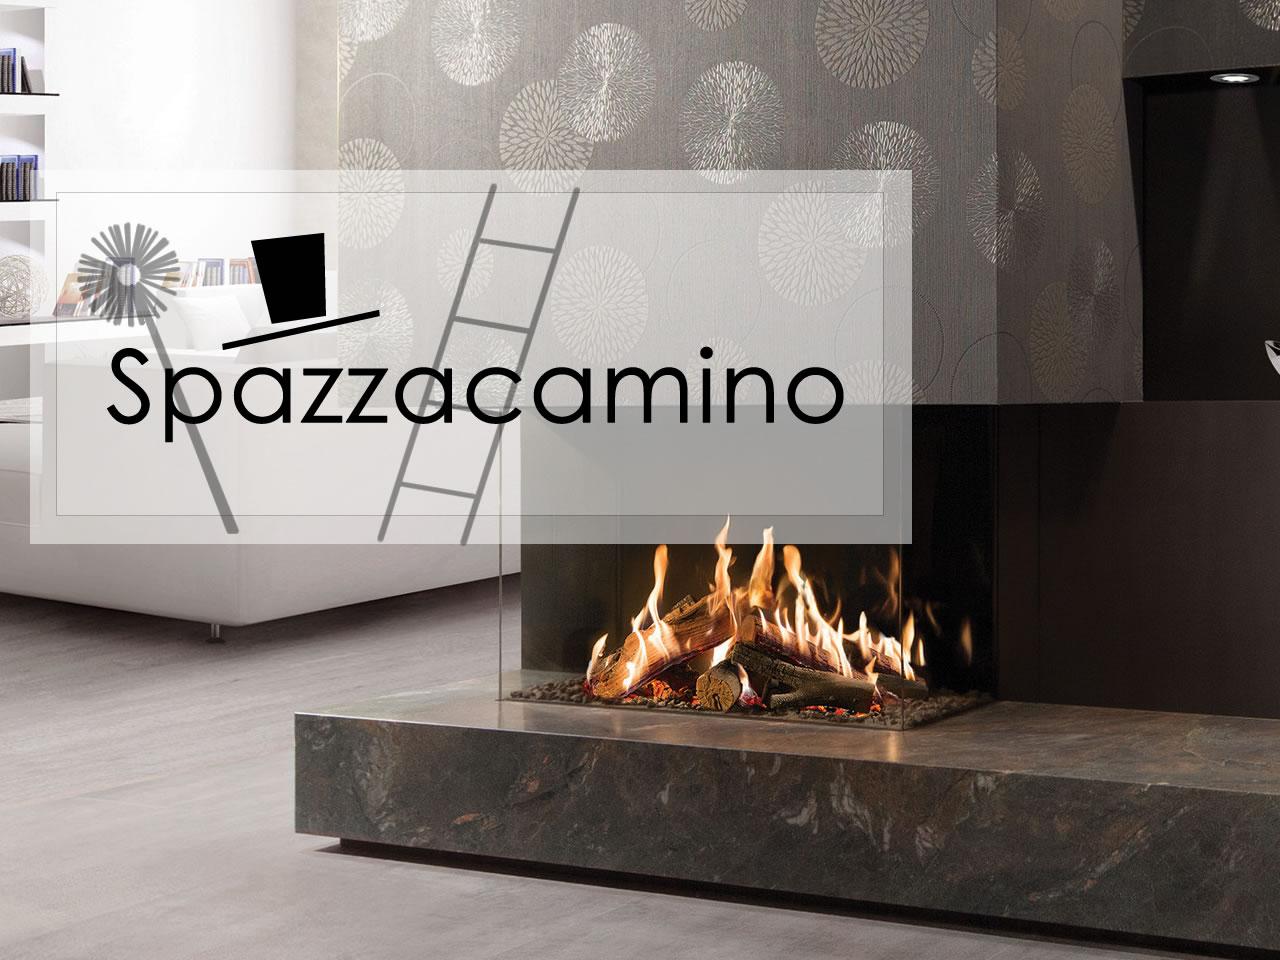 Milano Municipio 3 - Spazzacamino Canna Fumaria a Milano Municipio 3